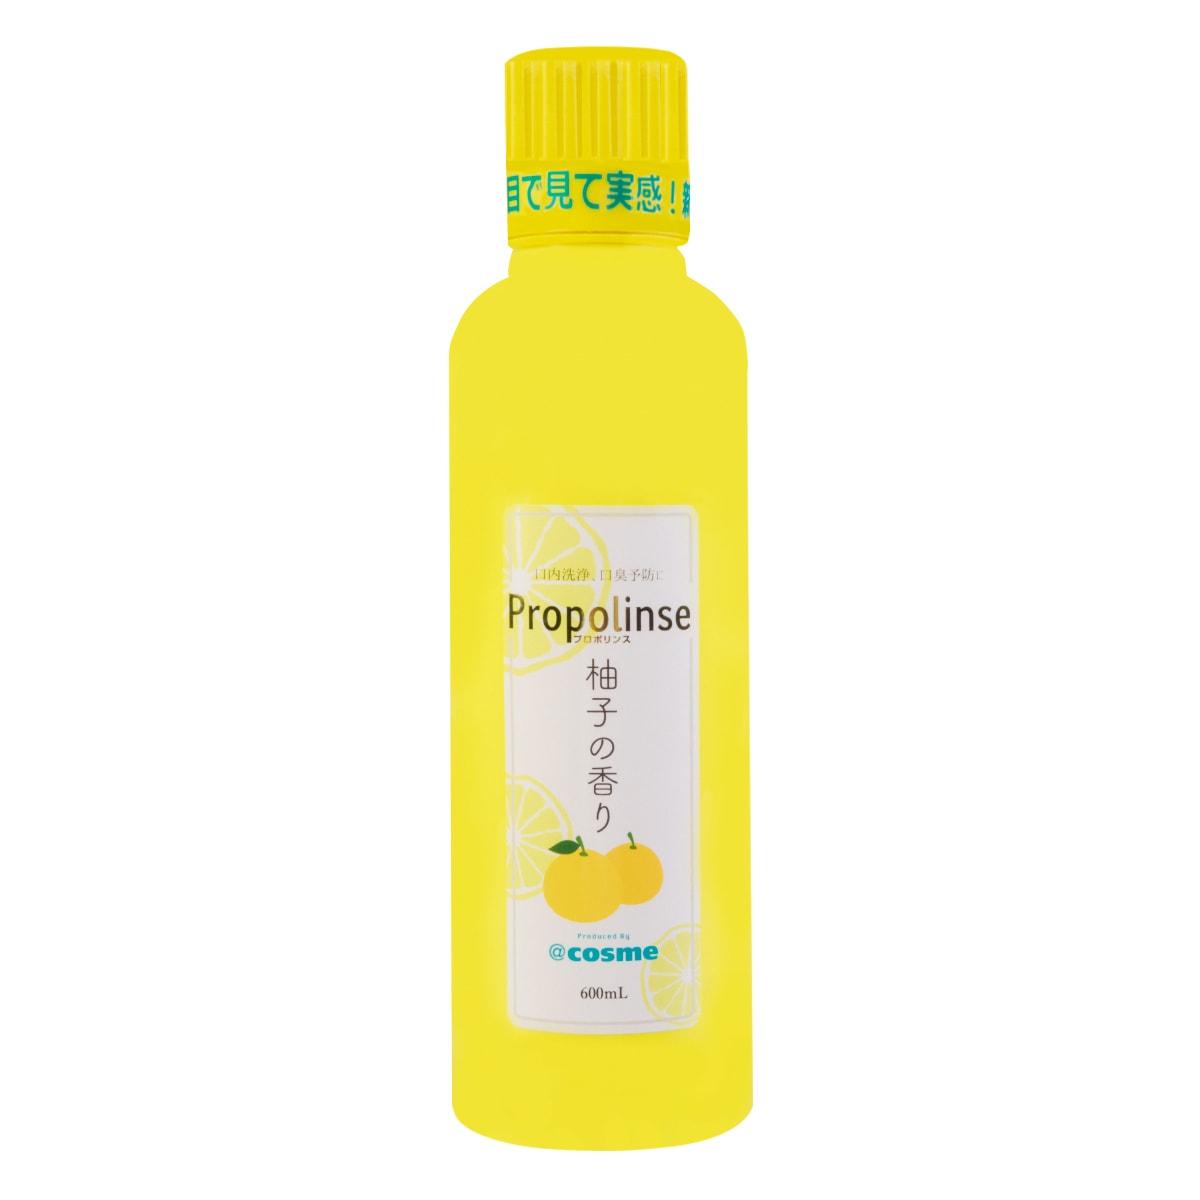 日本PROPOLINSE比那氏 蜂胶复合漱口水 柚子味 600ml COSME 2018限定